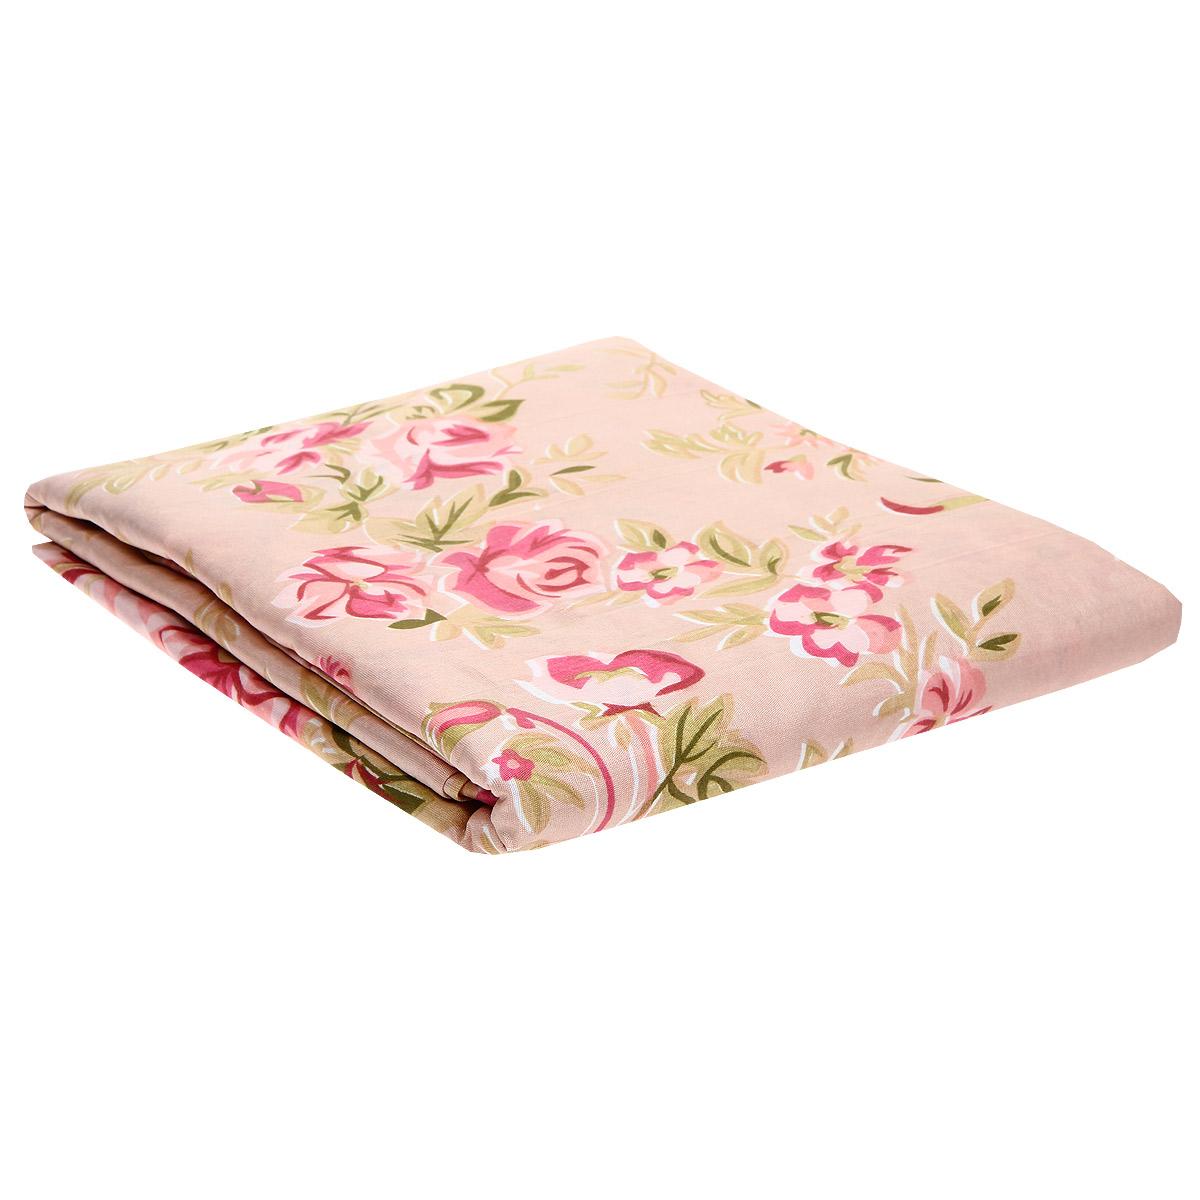 Комплект белья P&W Ноты счастья, 2-спальный, наволочки 70х70, цвет: розовый, зеленыйCLP446Комплект постельного белья P&W Ноты счастья состоит из пододеяльника, простыни и двух наволочек. Предметы комплекта выполнены из микрофибры (100 % полиэстера) и украшены изящным рисунком в виде бабочек. Рекомендации по уходу: - Гладить при средней температуре (до 130°С). - Стирка в теплой воде (температура до 30°С). - Нельзя отбеливать. При стирке не использовать средства, содержащие отбеливатели (хлор). - Можно отжимать и сушить в стиральной машине.Уважаемые клиенты! Обращаем ваше внимание на цвет изделия. Цветовой вариант комплекта, данного в интерьере, служит для визуального восприятия товара. Цветовая гамма данного комплекта представлена на отдельном изображении фрагментом ткани.